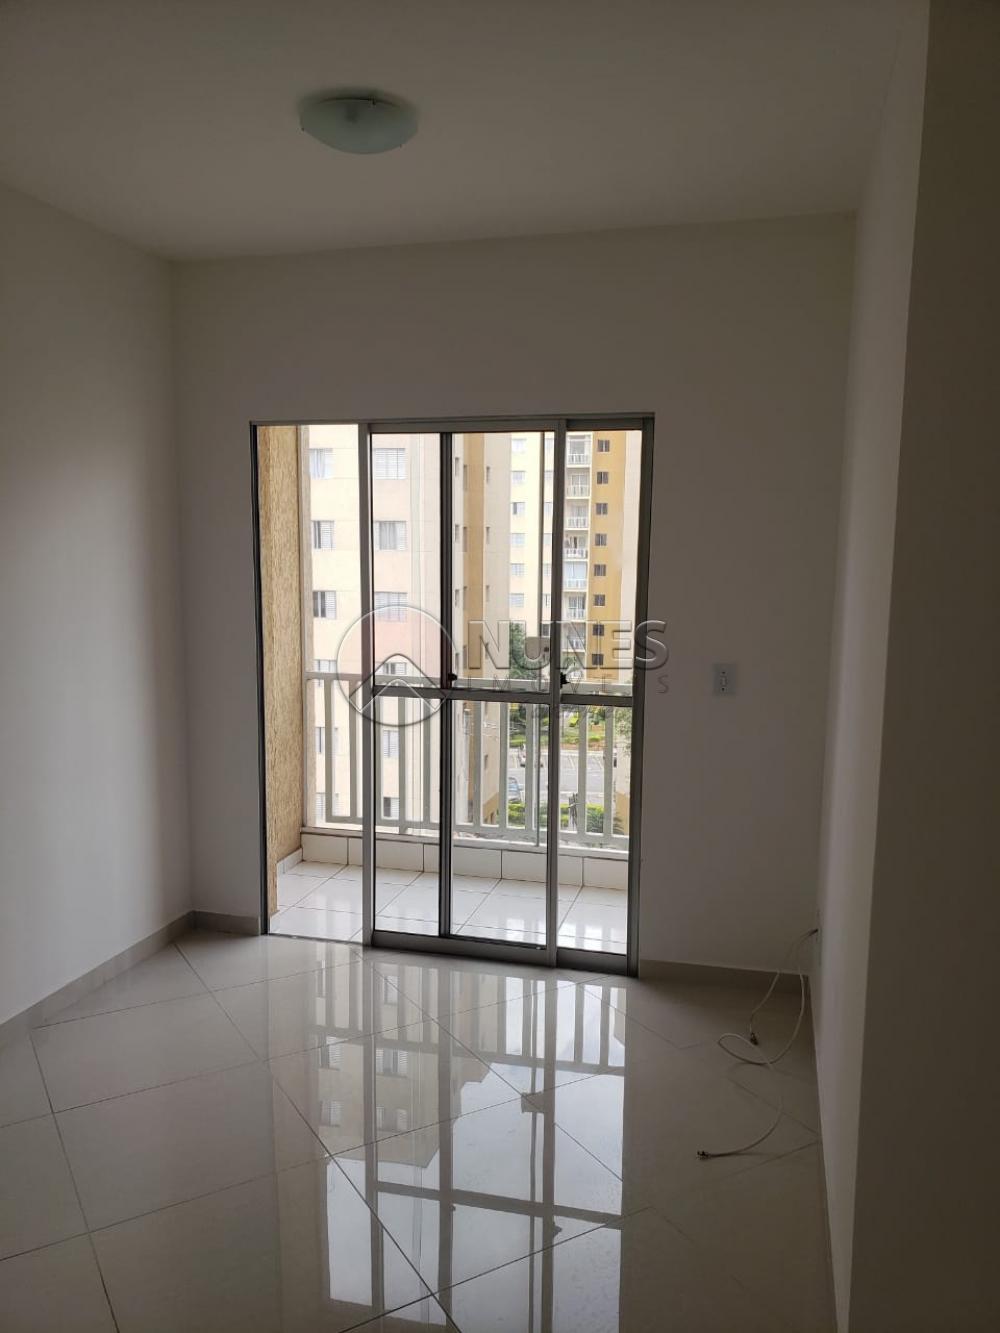 Comprar Apartamento / Padrão em Osasco apenas R$ 235.000,00 - Foto 1